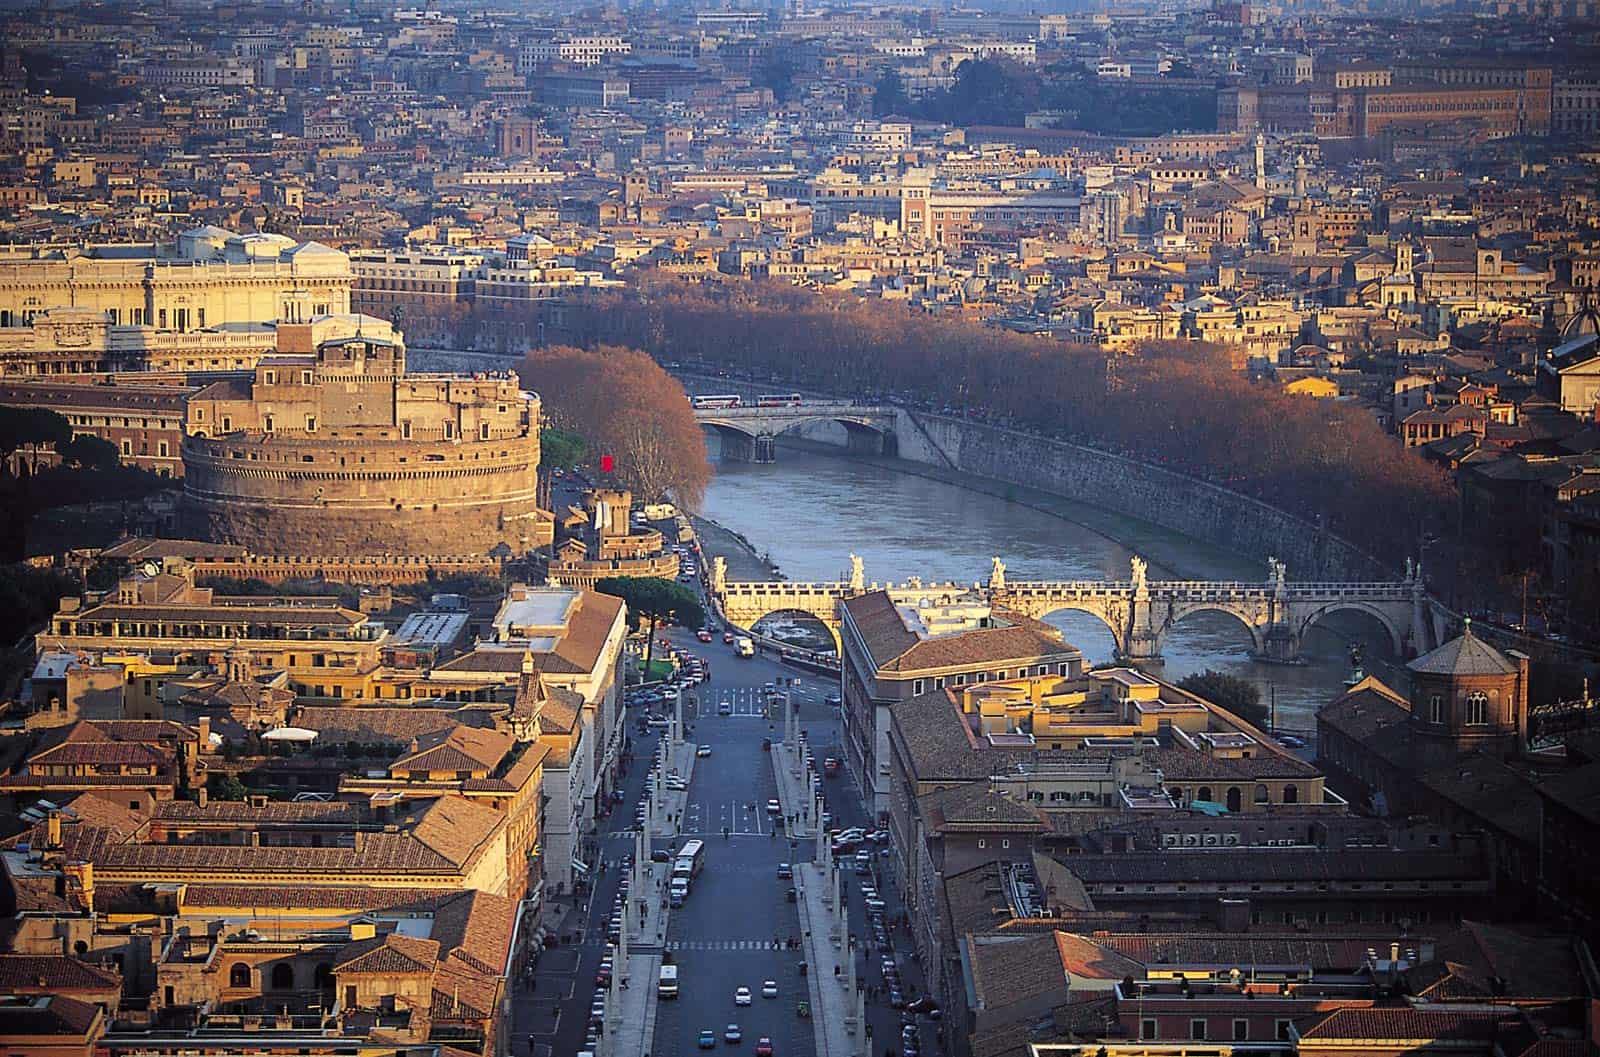 افضل 4 انشطة في البانثيون روما ايطاليا